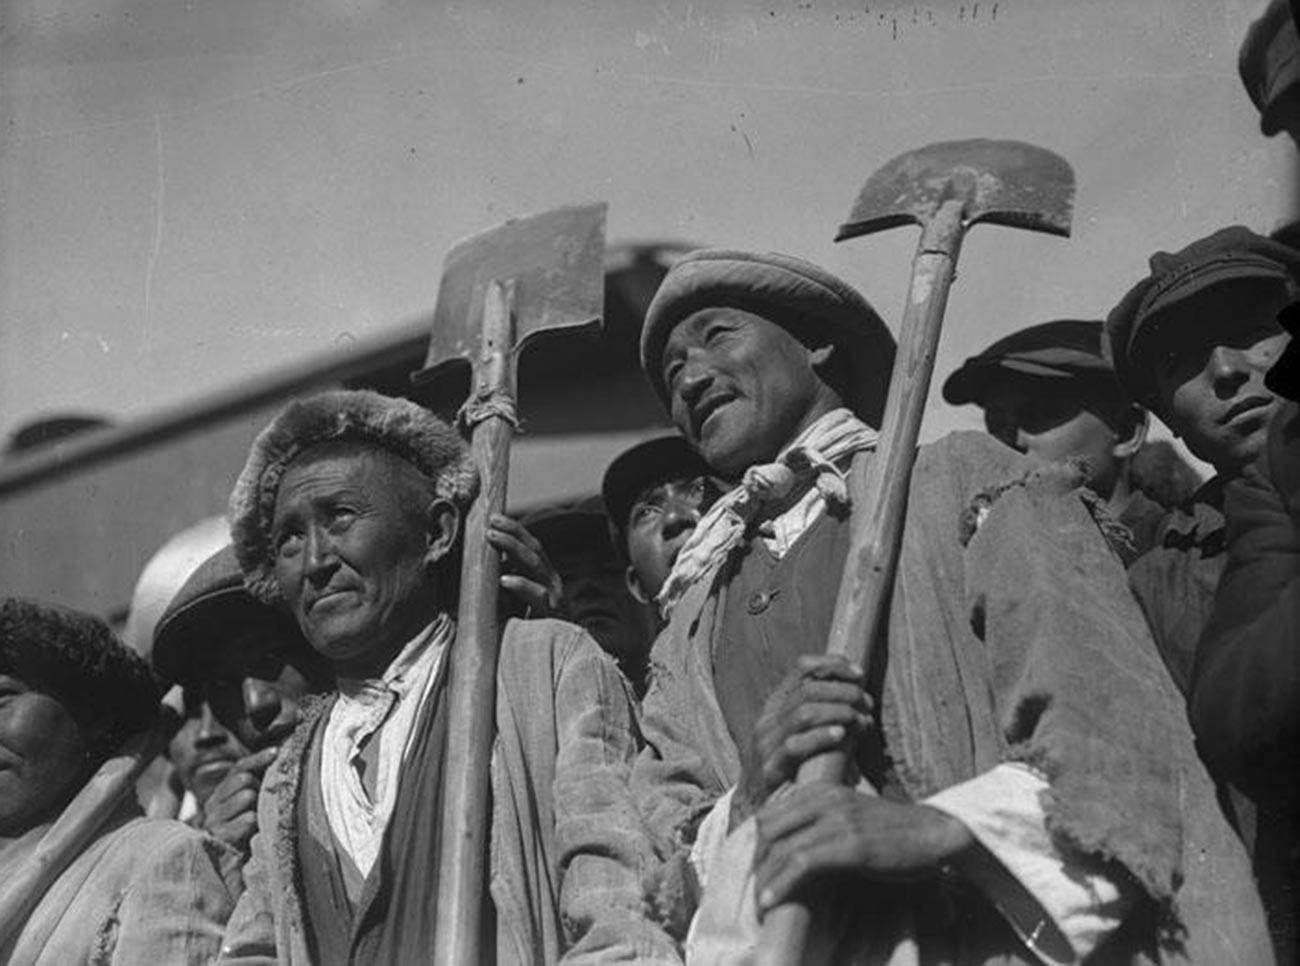 Des constructeurs kazakhs du Turksib, l'un des principaux chantiers du premier plan quinquennal de l'industrialisation stalinienne. Ce chemin de fer a relié la Sibérie, le Kazakhstan et le Kirghizstan. Années 1930